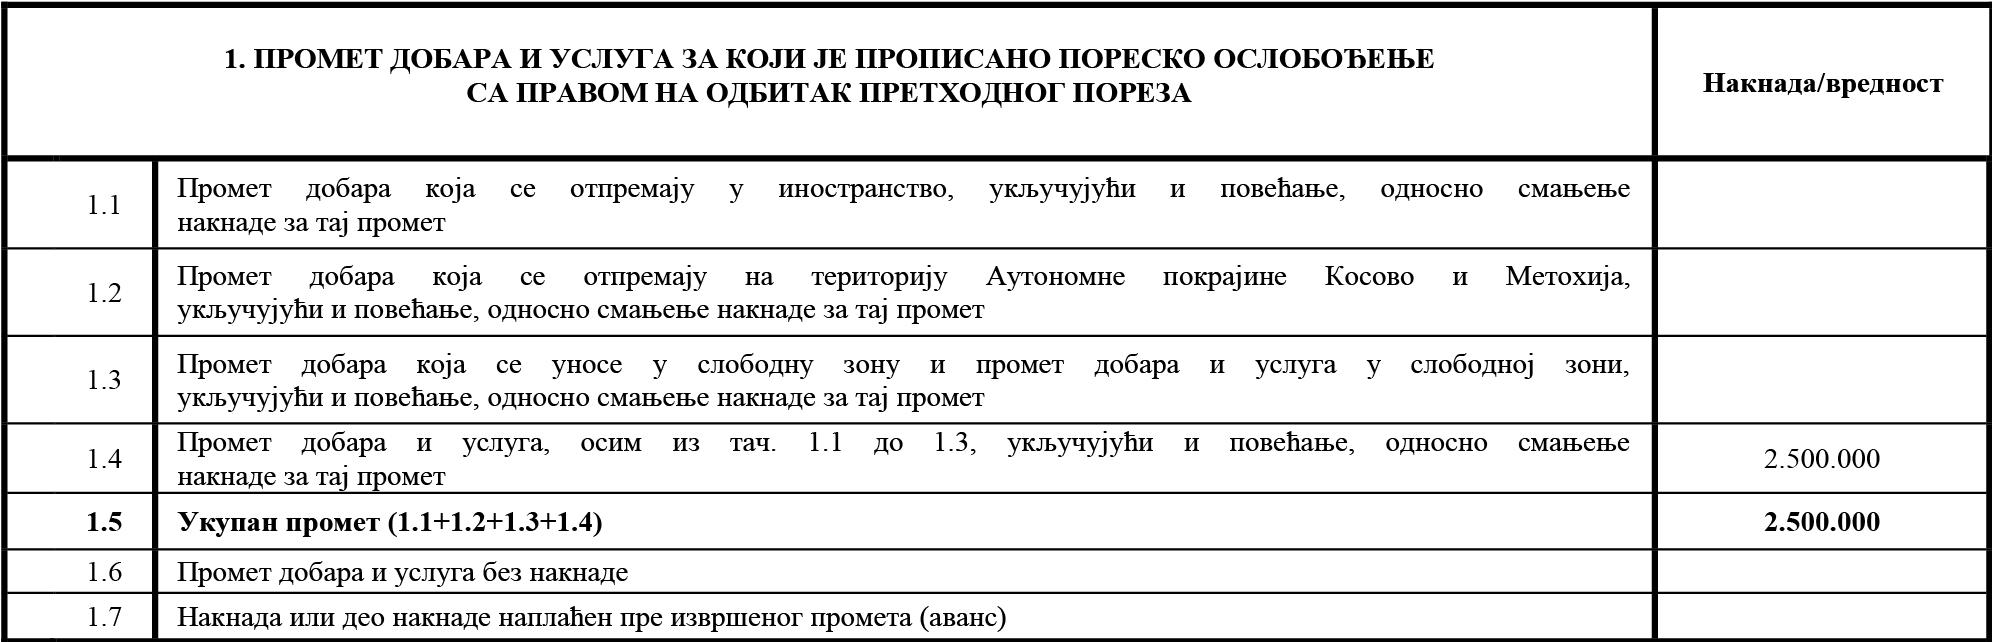 uputstvo PU obrazac POPDV primer 19